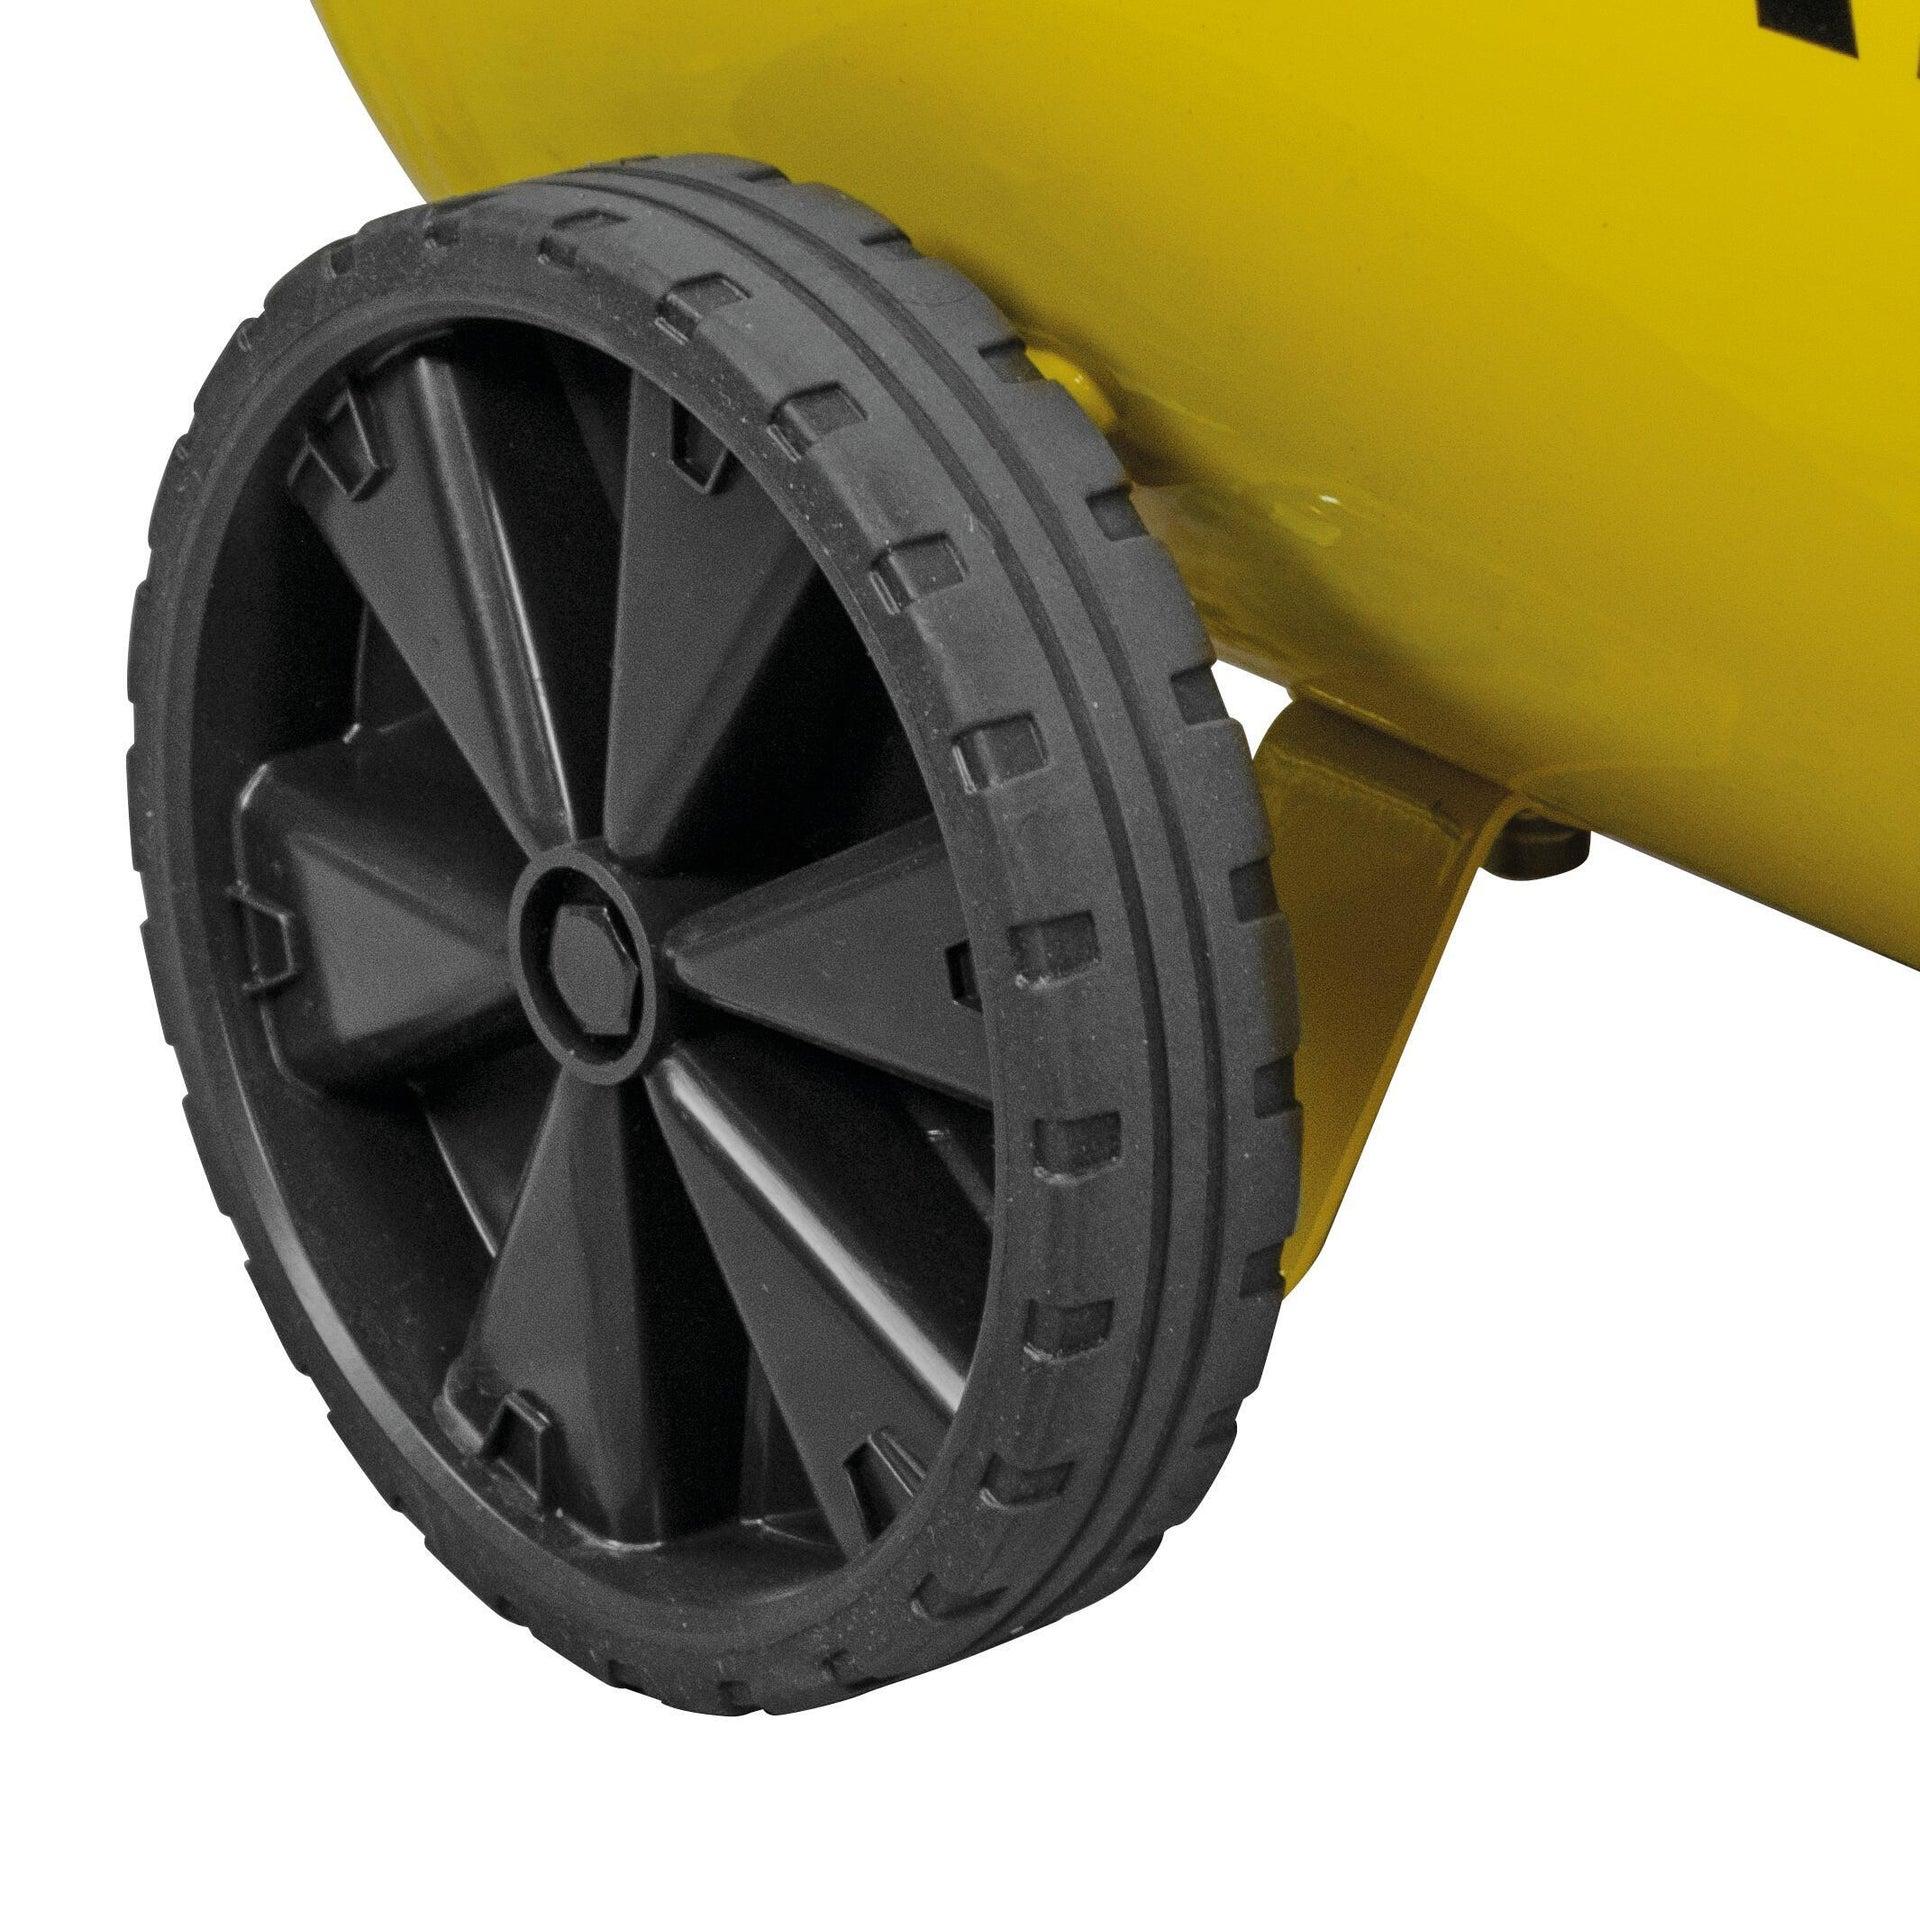 Compressore silenziato STANLEY SXCMS30103E, 3 hp, 8 bar, 100 L - 6